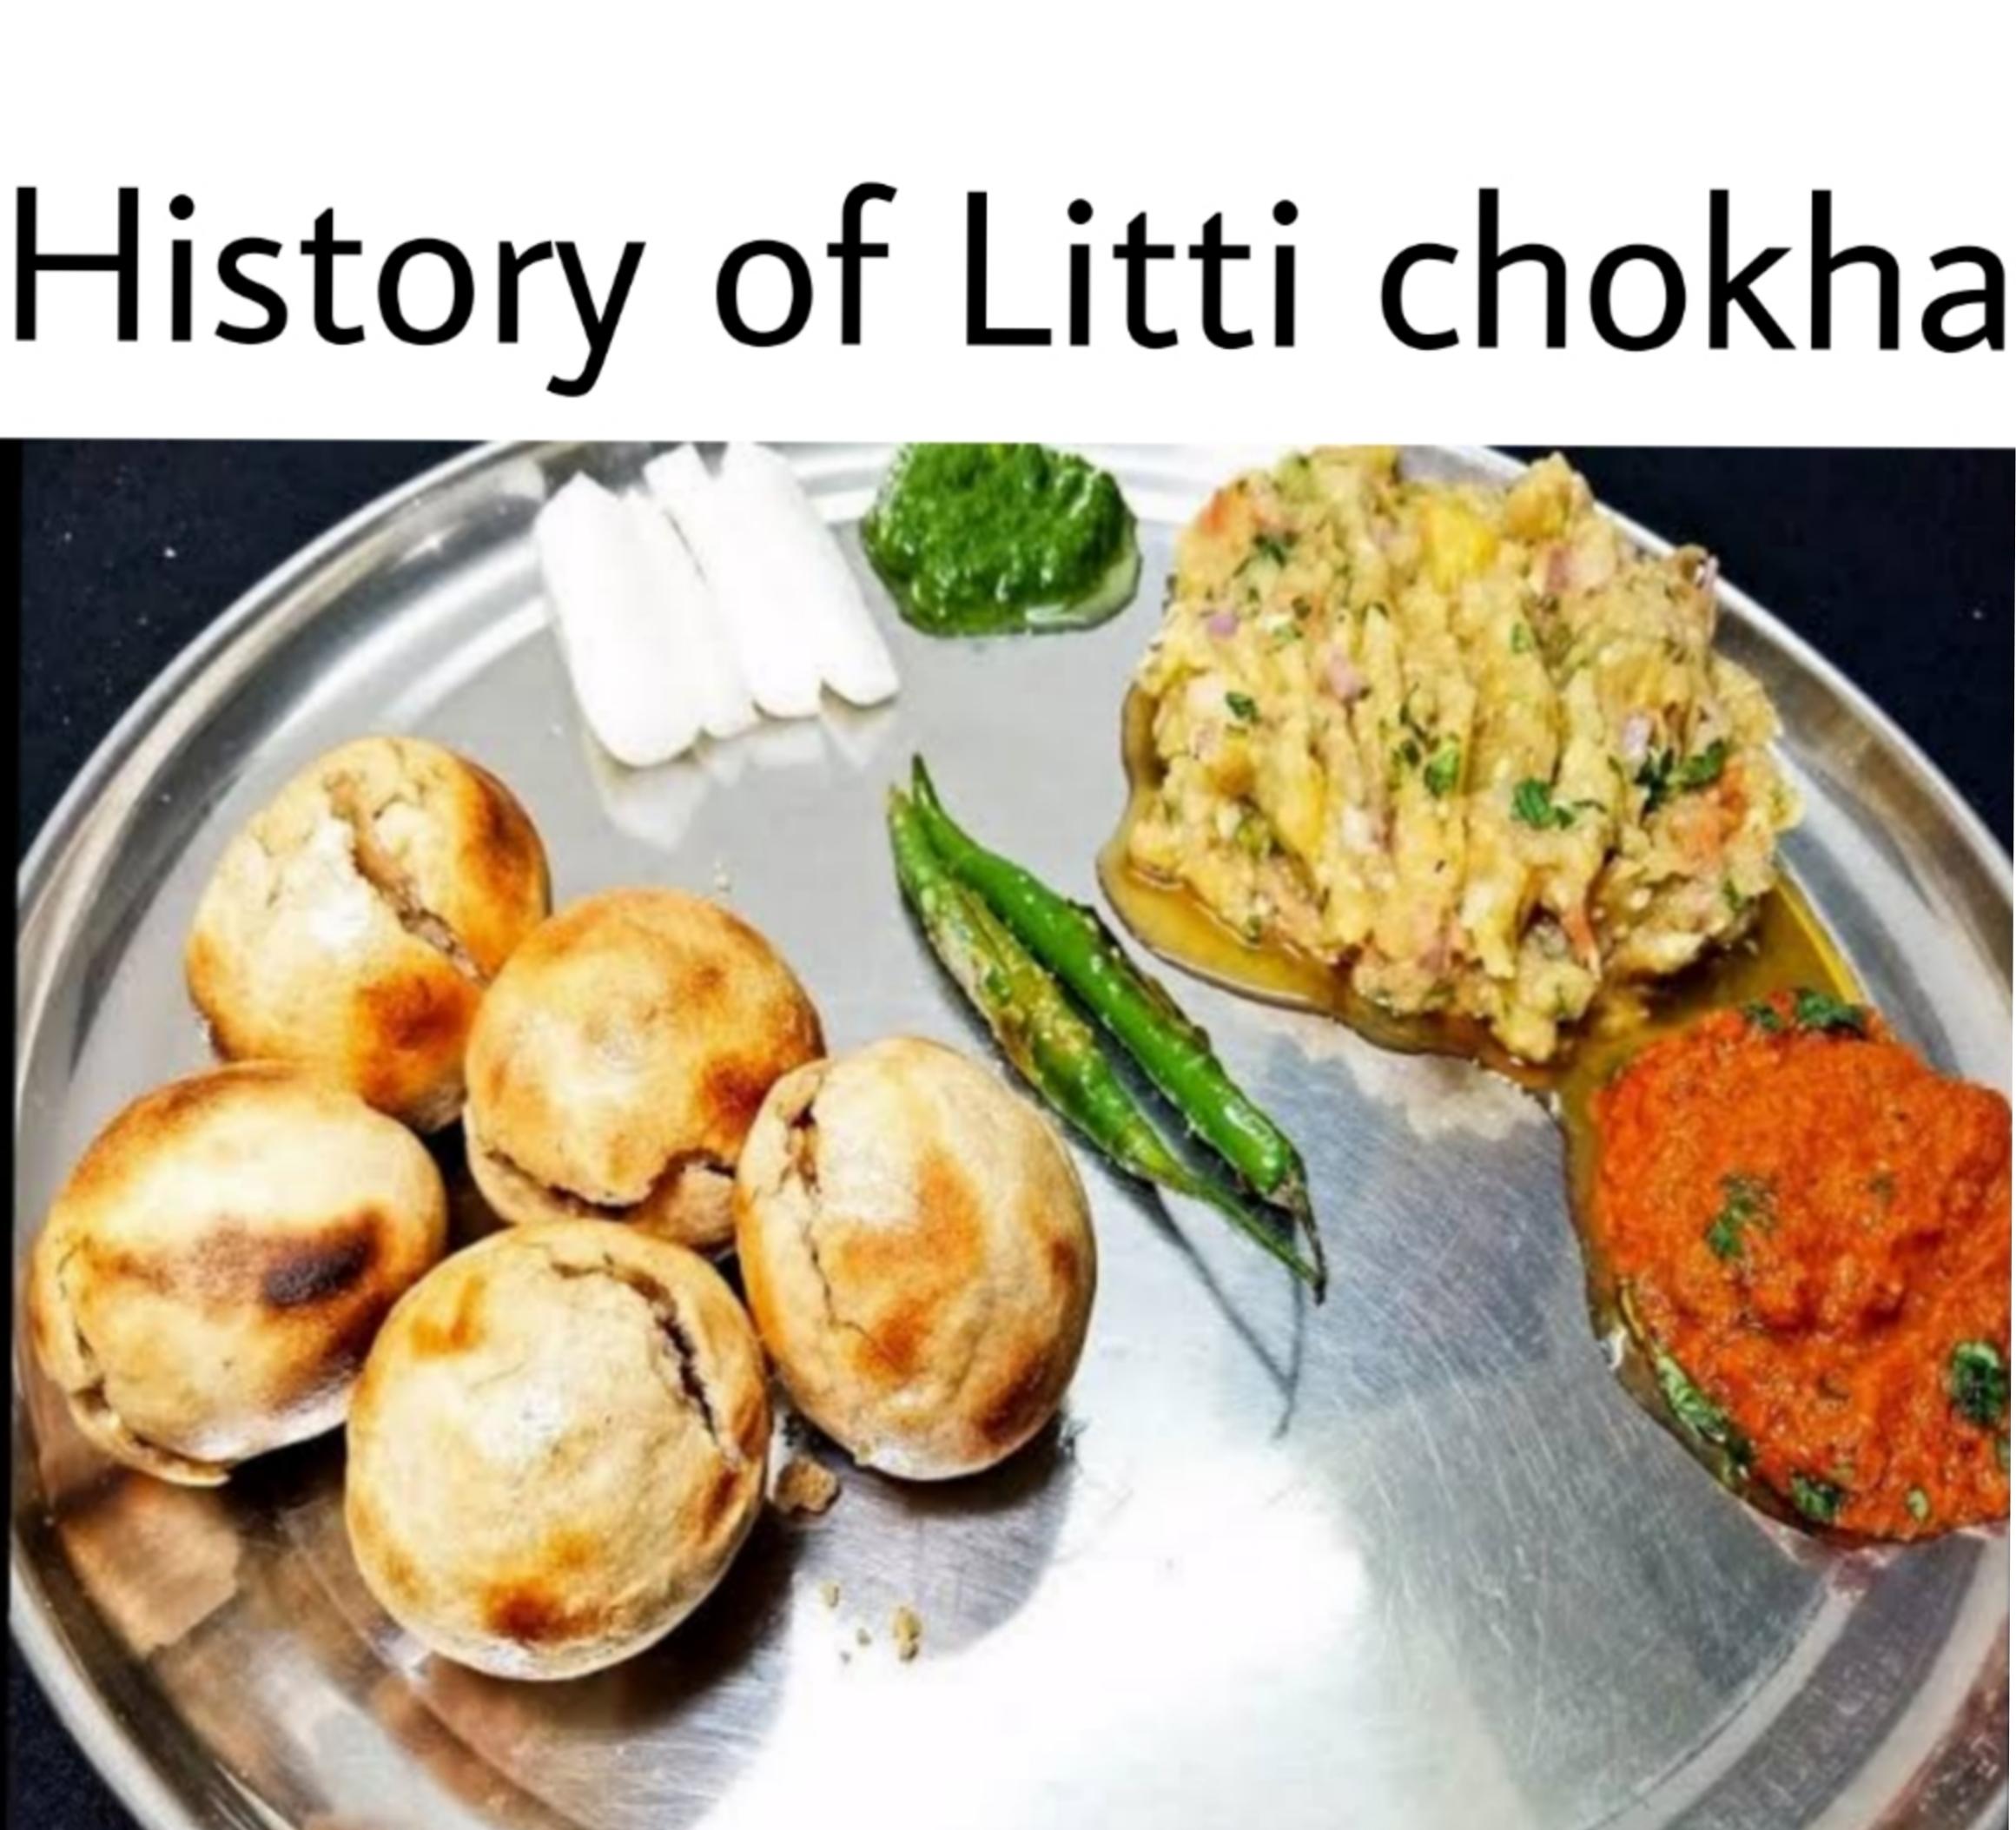 history of litti chokha